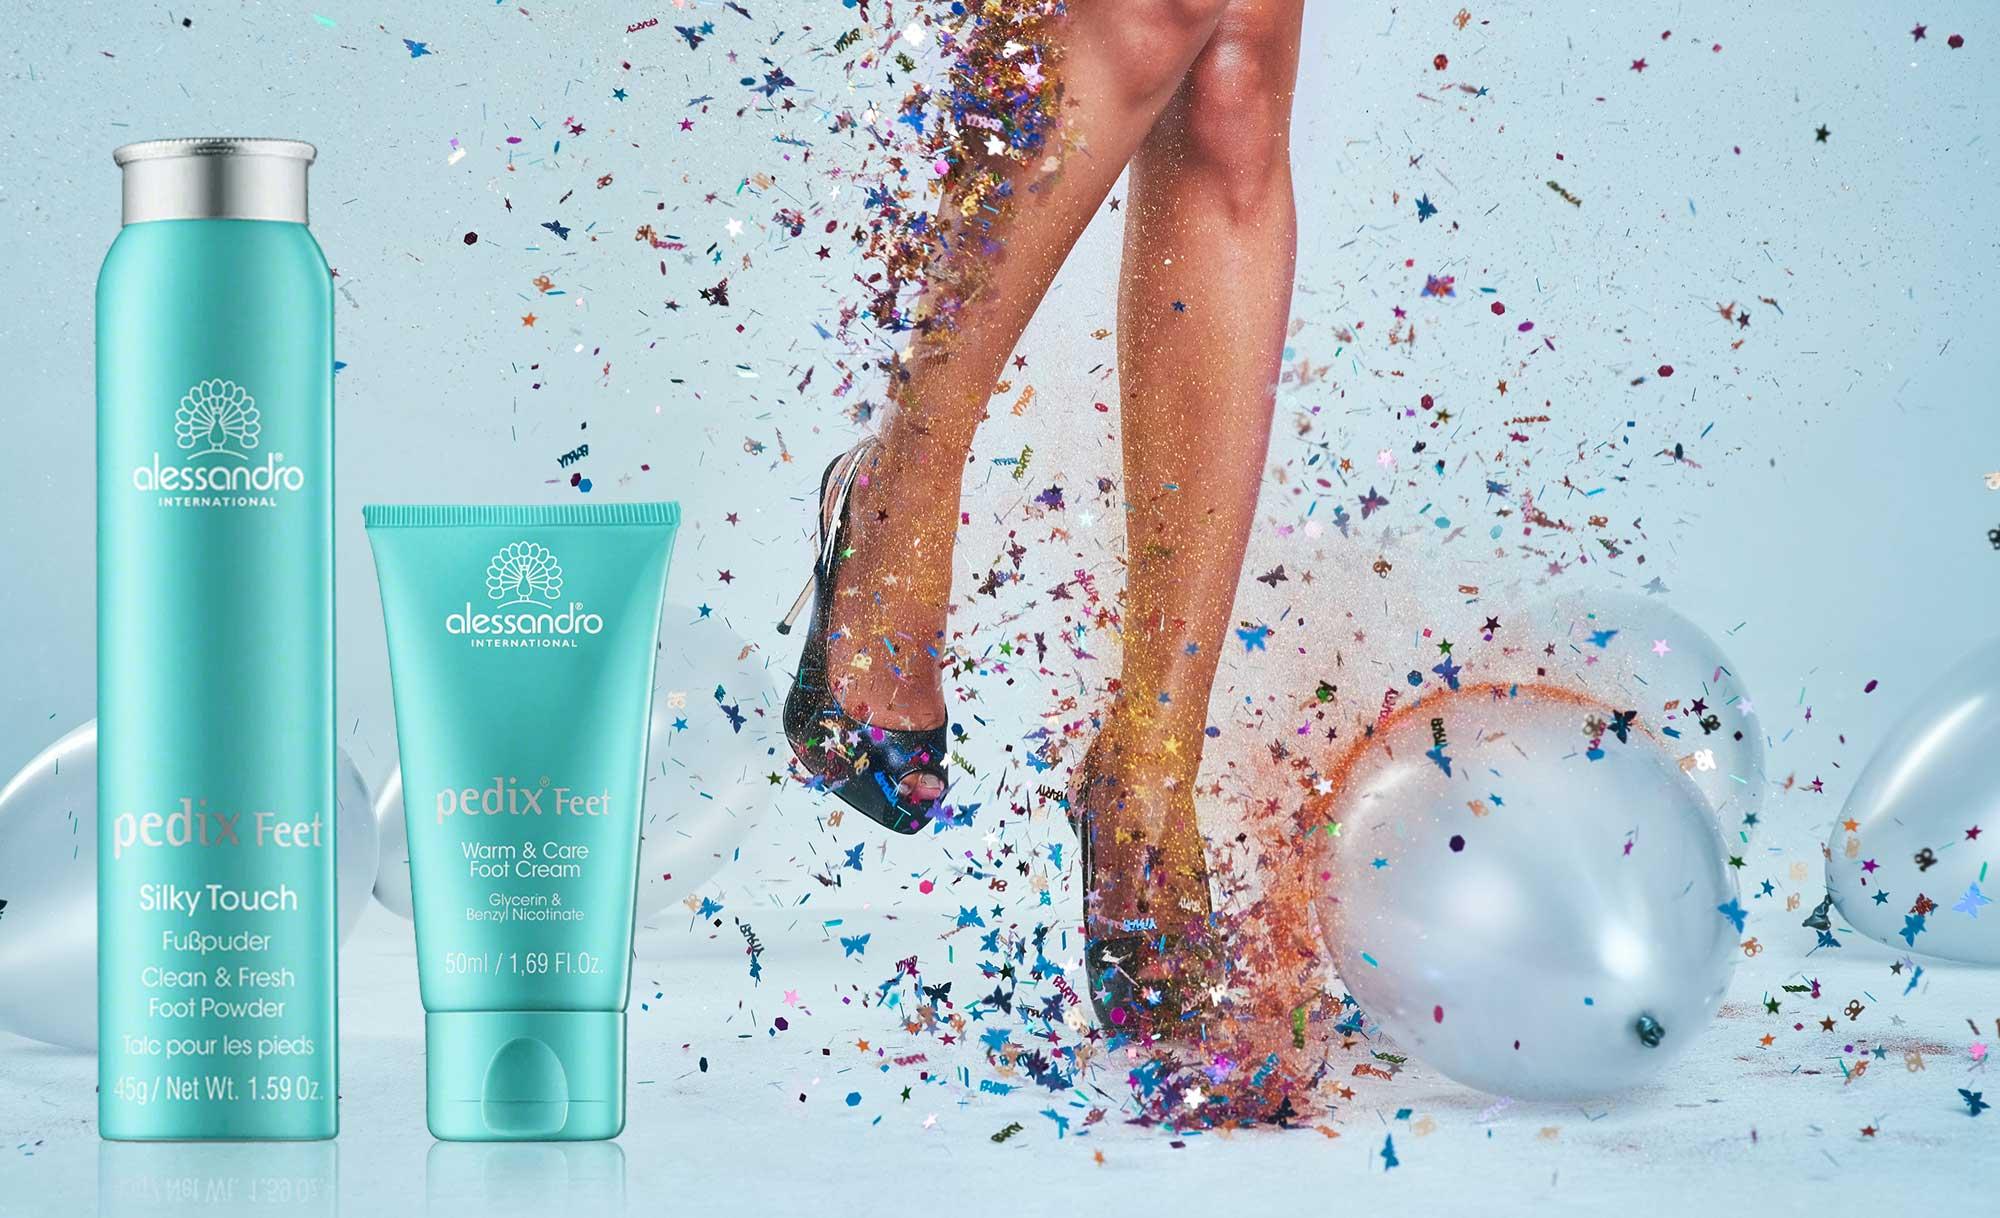 Topsi Produkte Handpflege, Fußpflege, Nagelpflege, Alessandro Pedix Feet